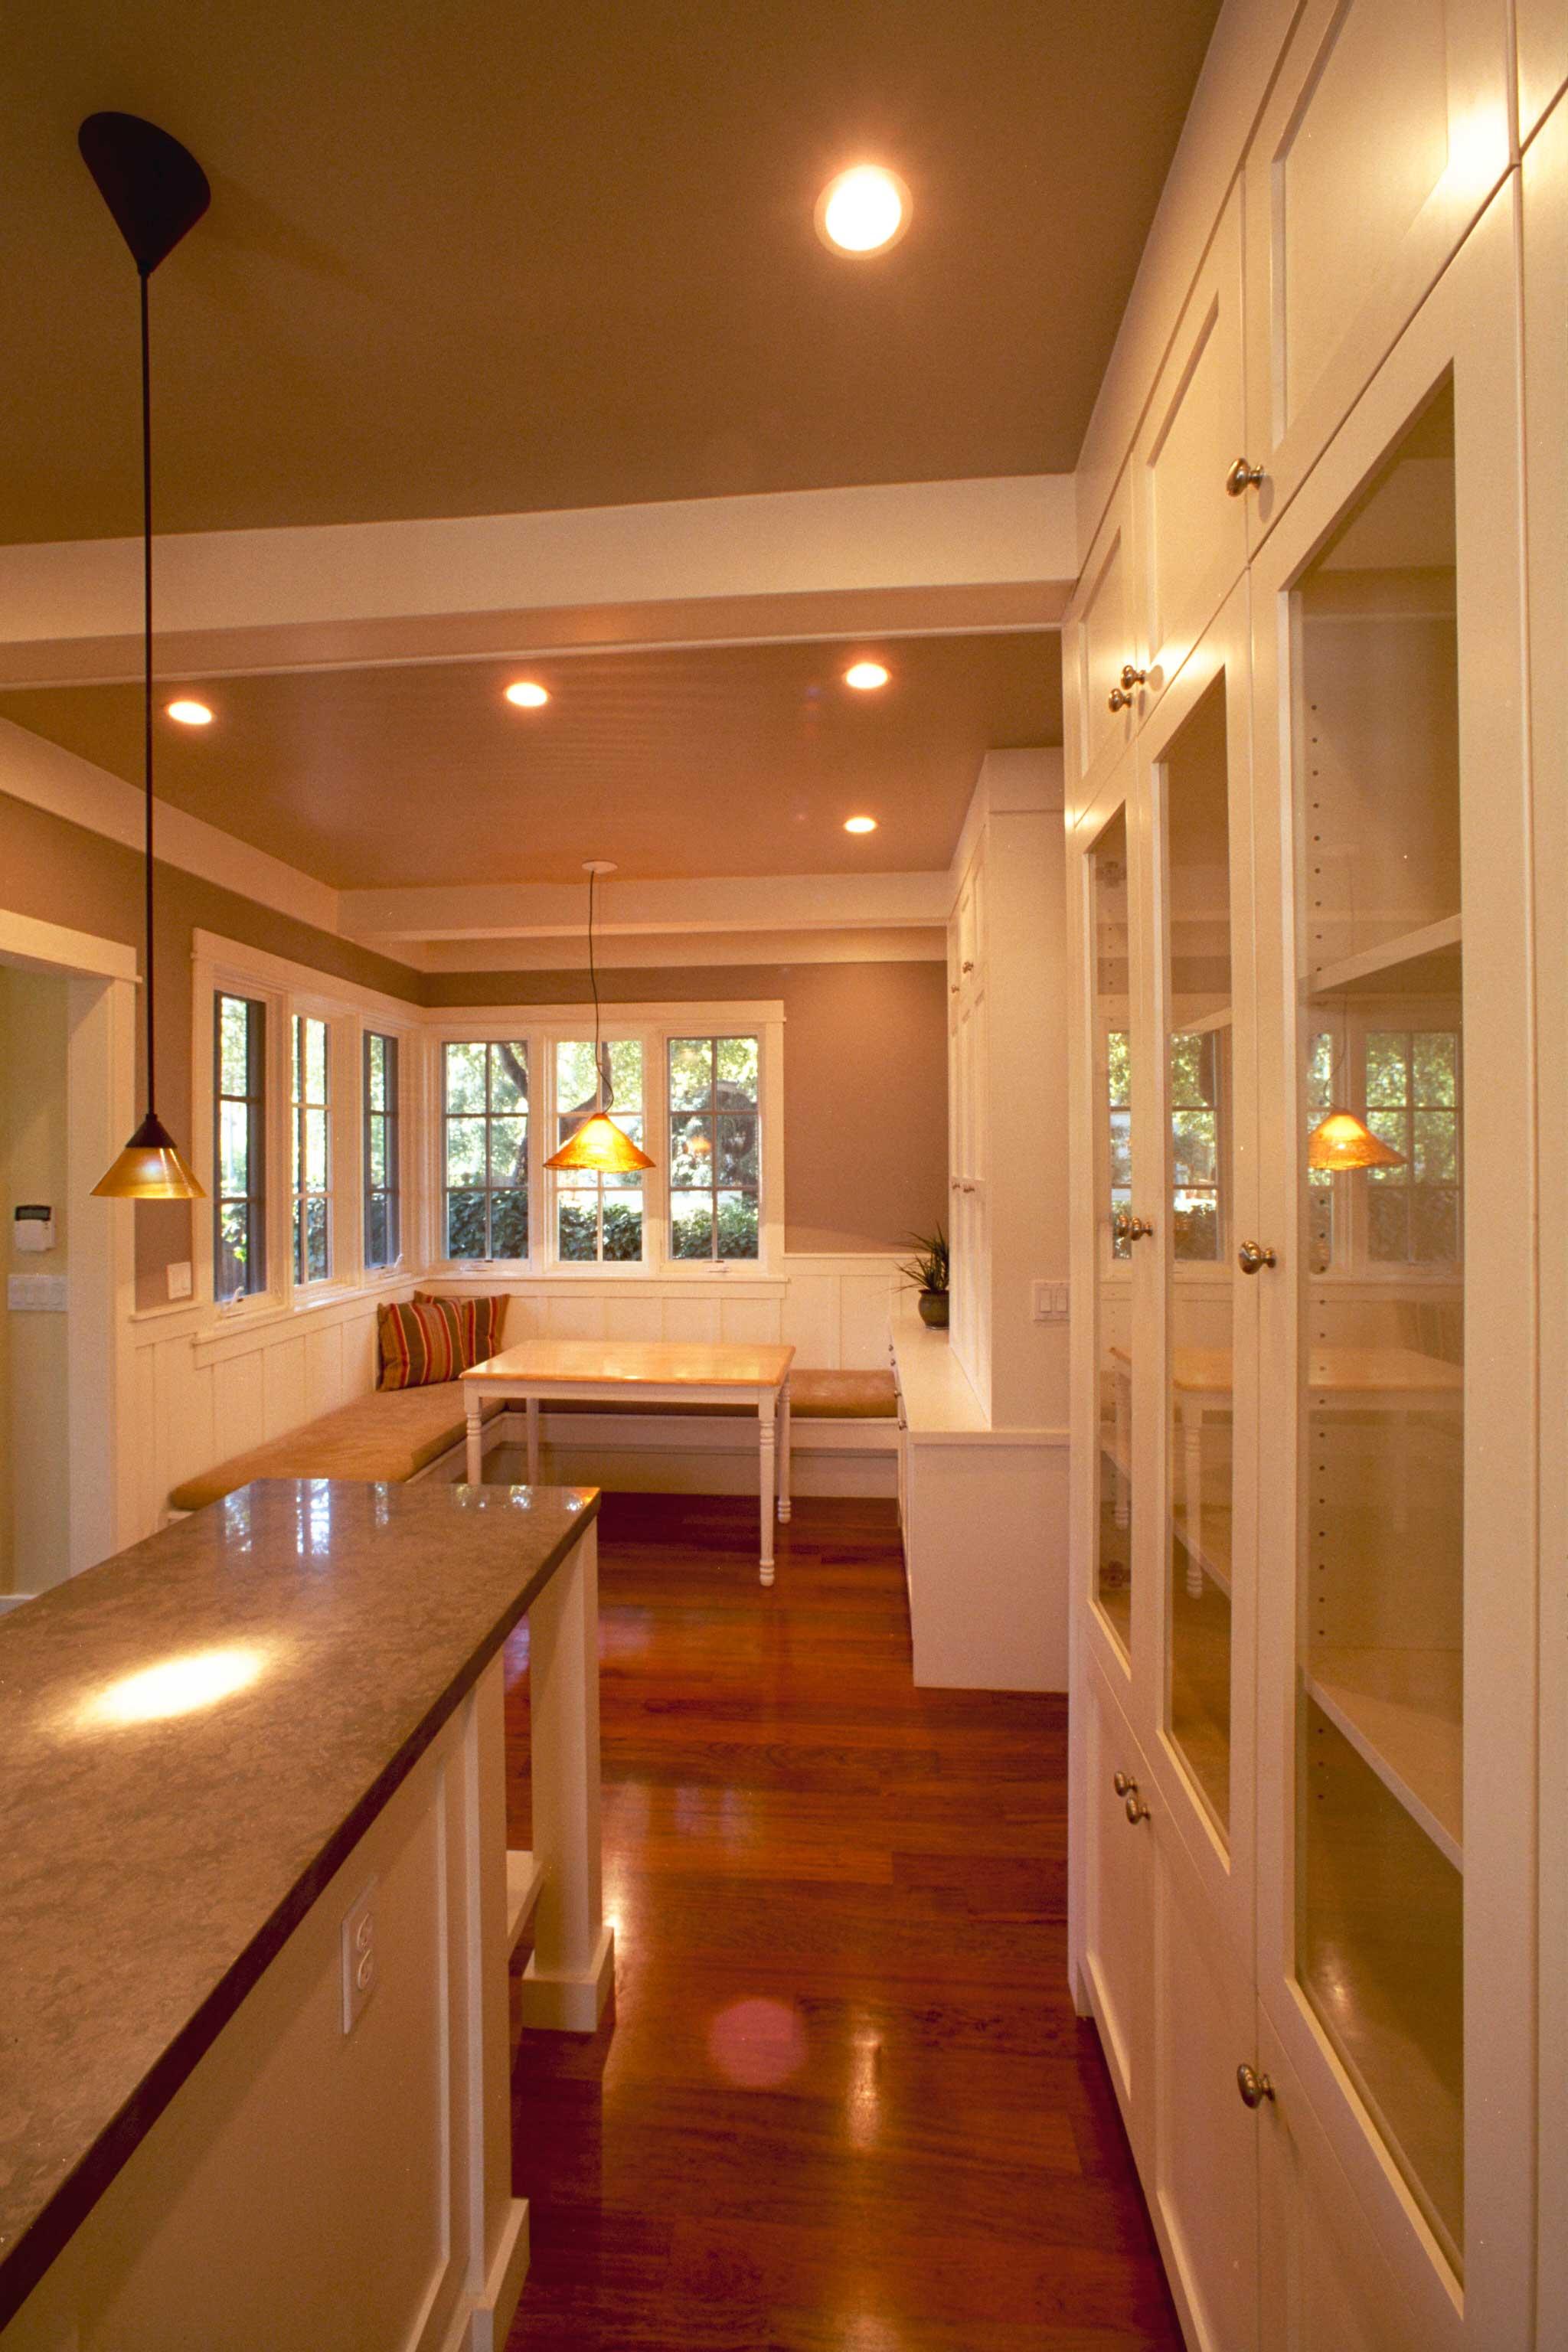 Palo-Alto-Kitchen-2-MS.jpg